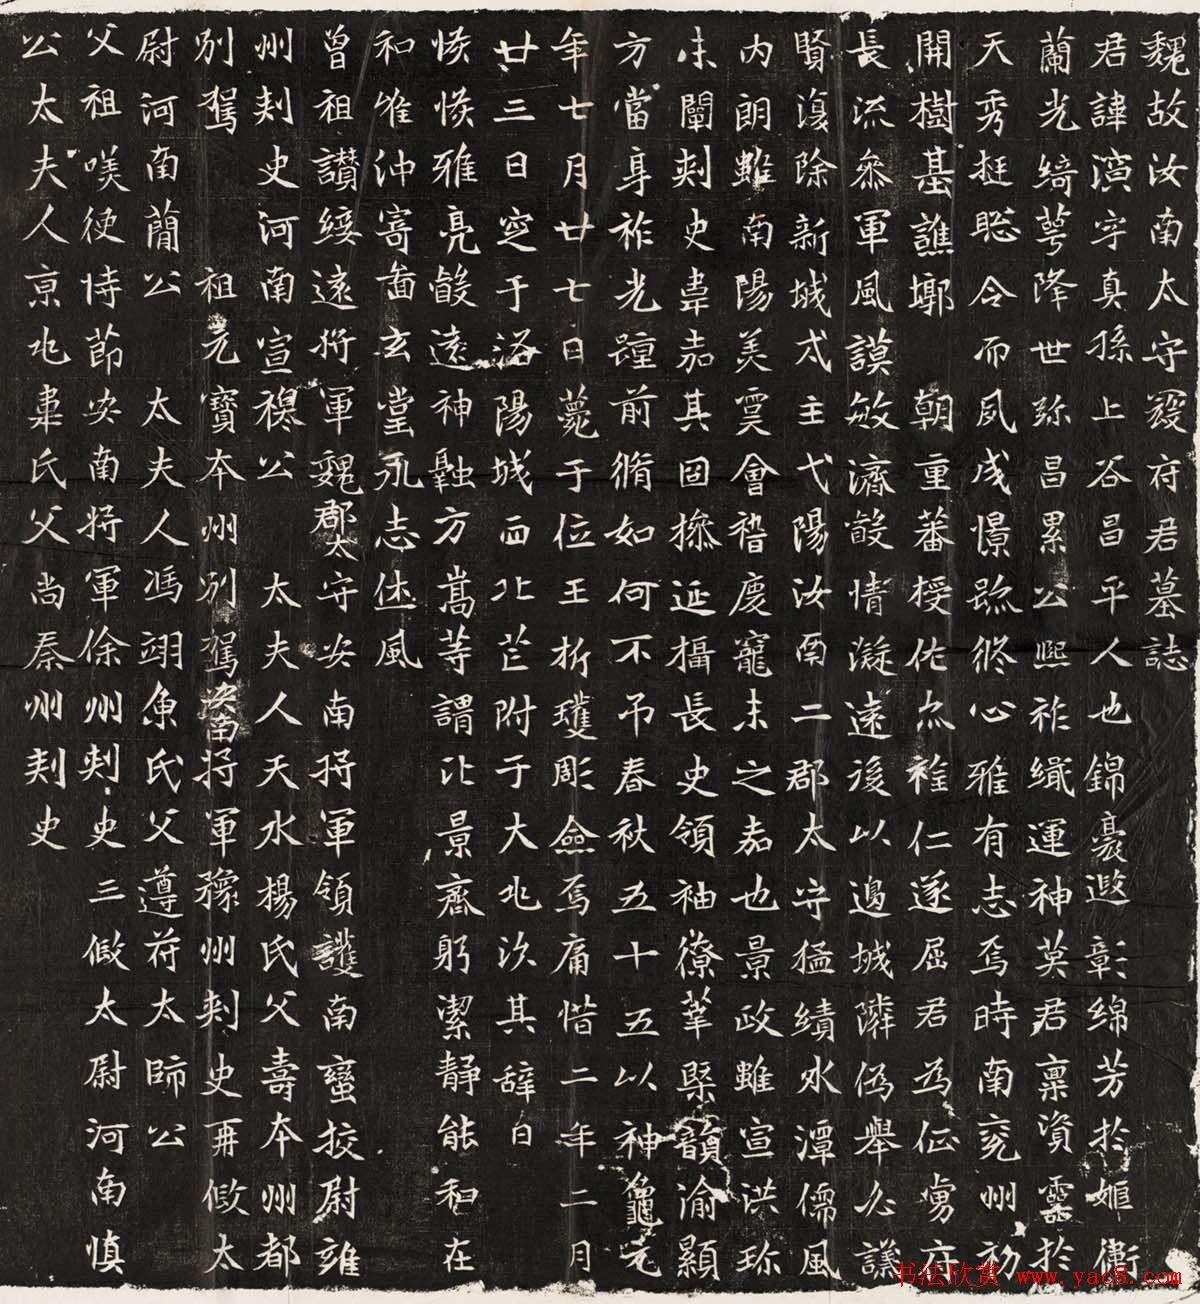 北魏书法精品《寇演墓志》高清拓片